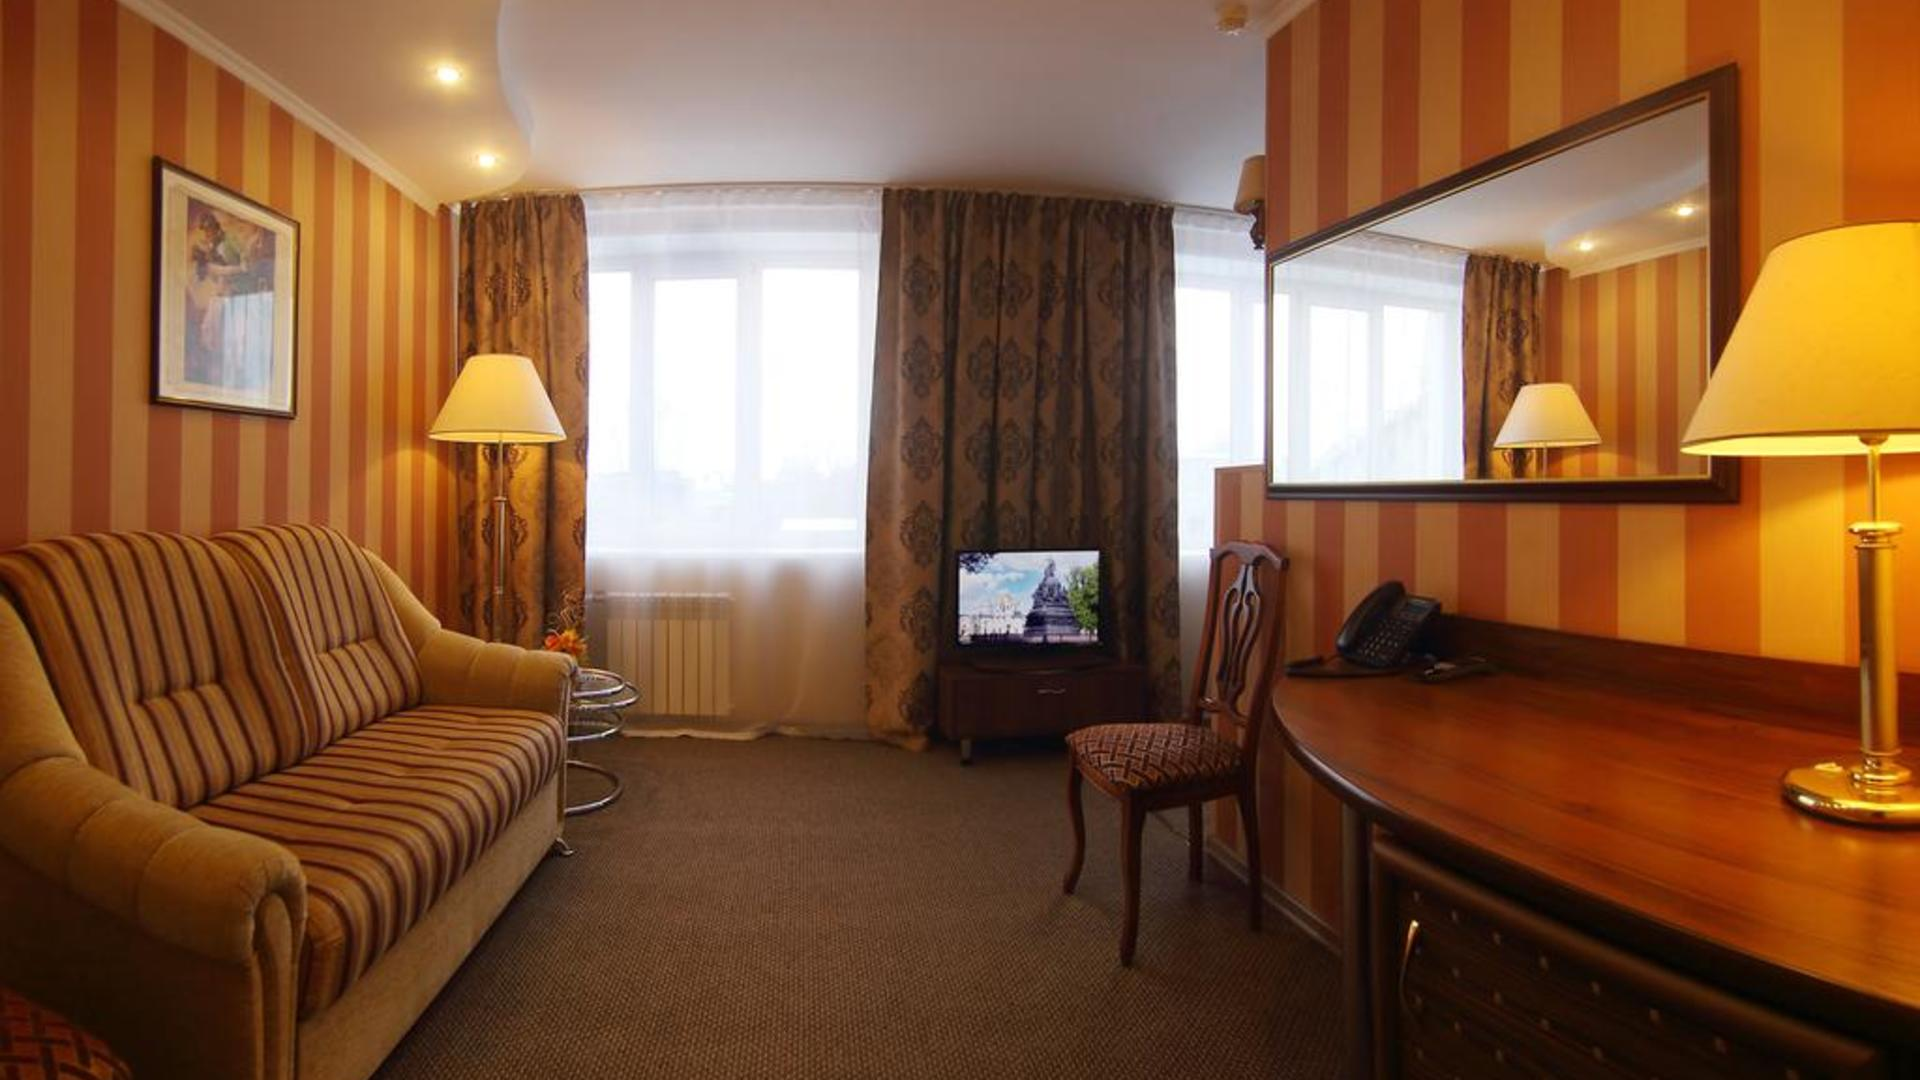 Отель садко великий новгород фото отзывы